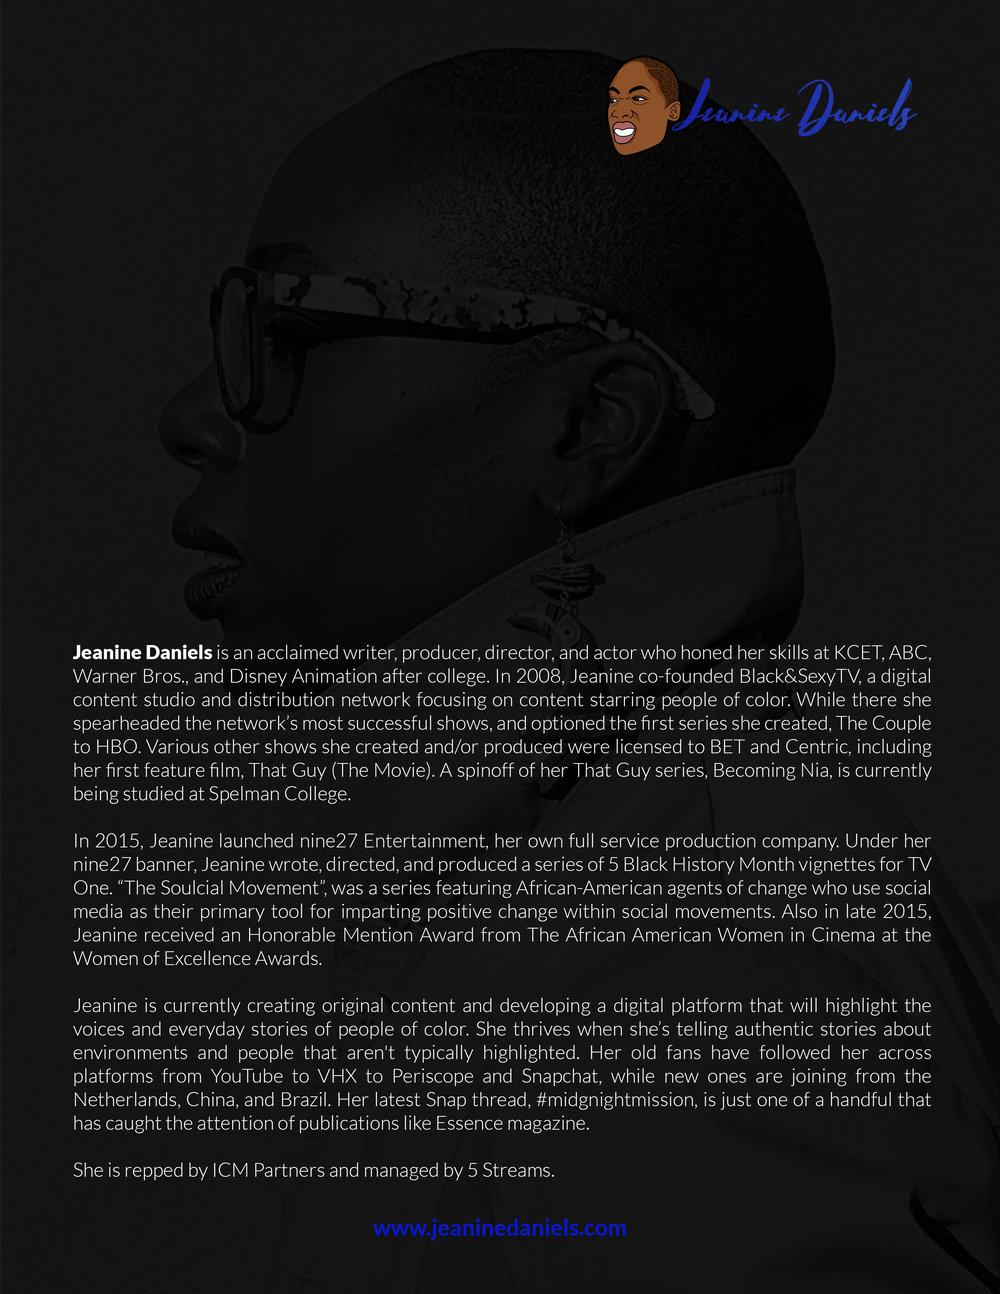 JEANINE DANIELS ONE PAGE MEDIA SHEET 2018.jpg